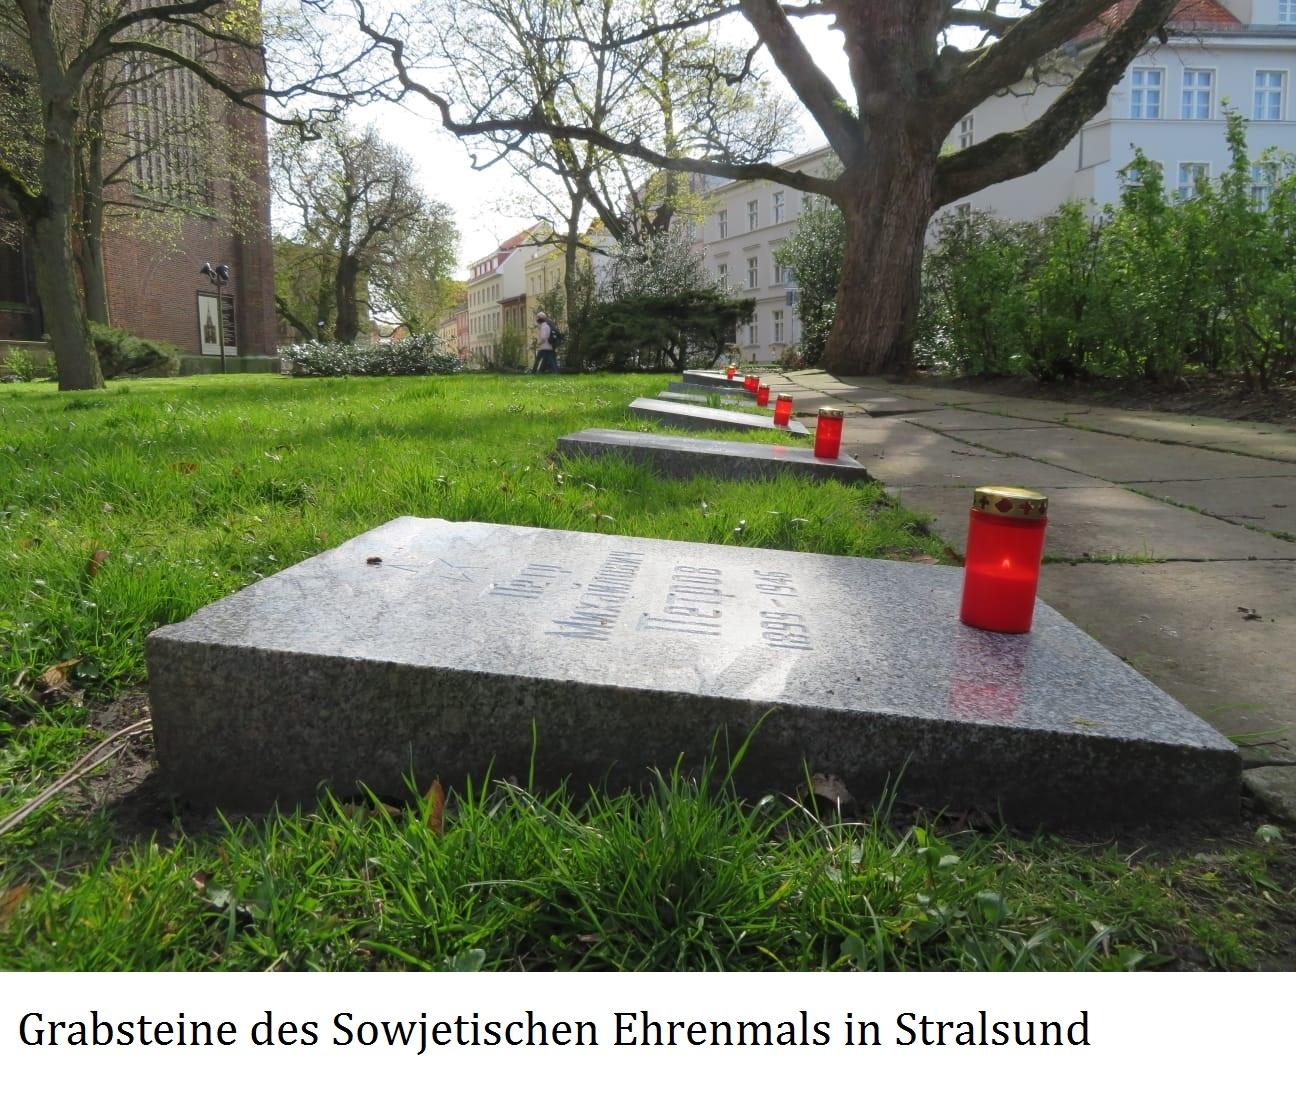 Feierliche Kranzniederlegung am 8. 5. 2021 am Sowjetischen Ehrenmal in Stralsund - Aus dem Posteingang von Siegfried Dienel vom 17.05.2021 - Abschnitt 4